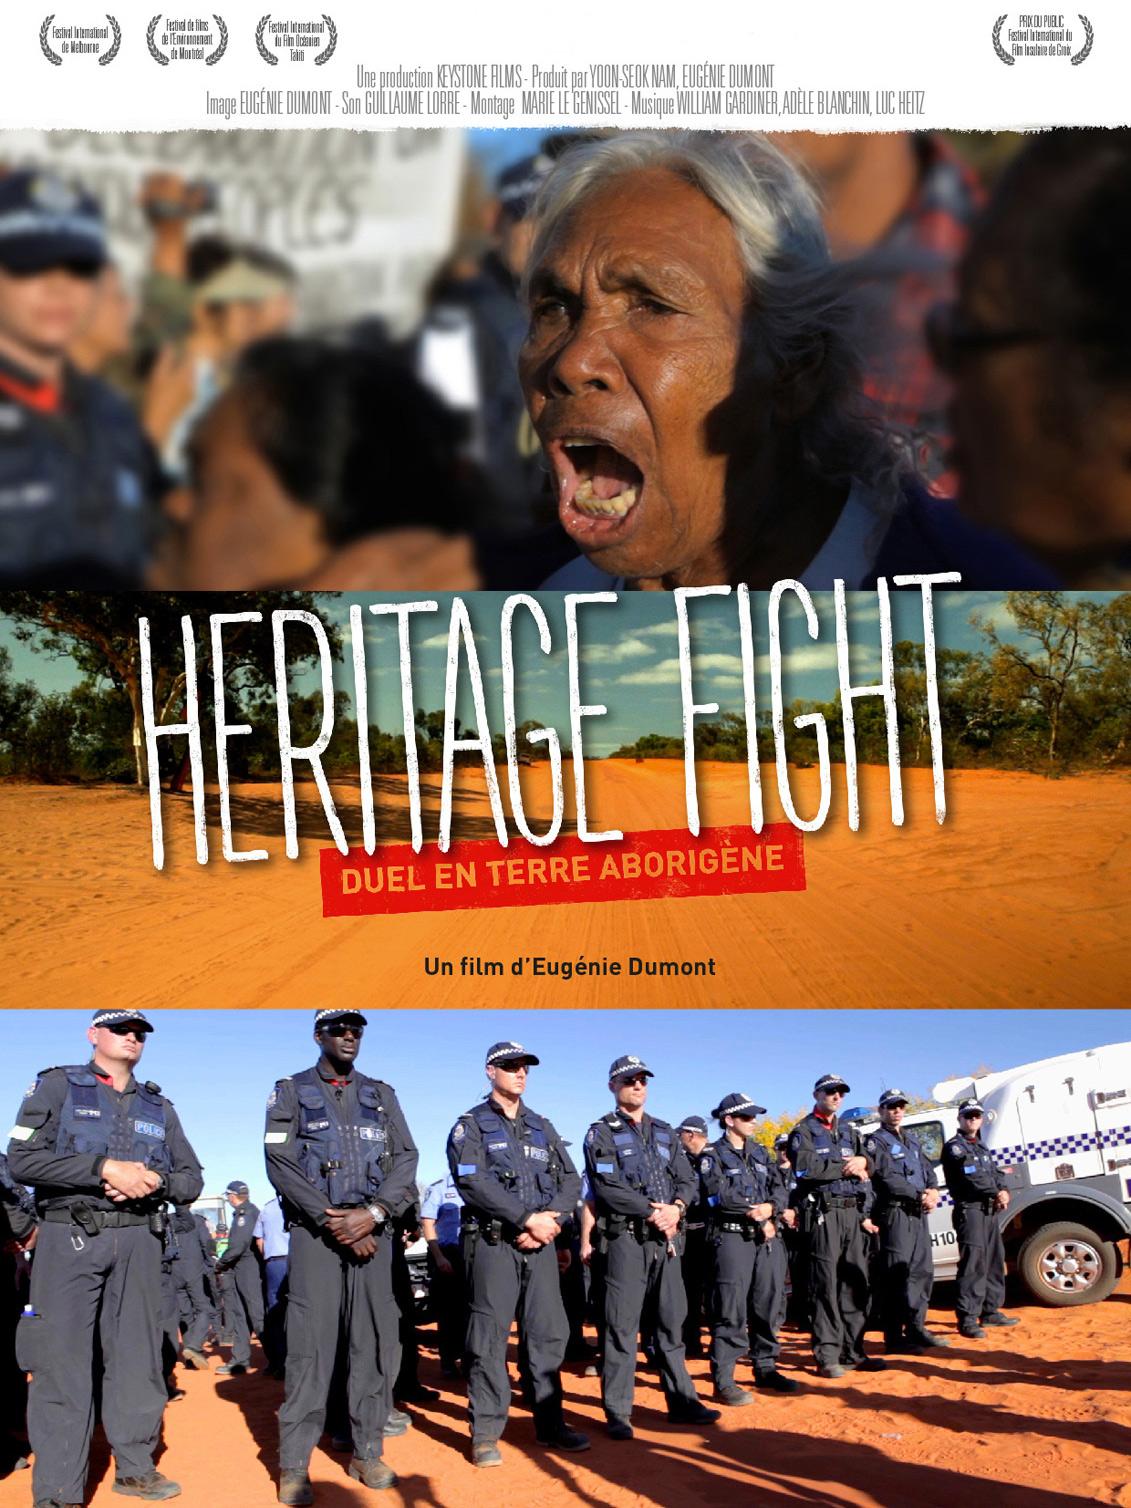 Heritage Fight | Dumont, Eugénie (Réalisateur)